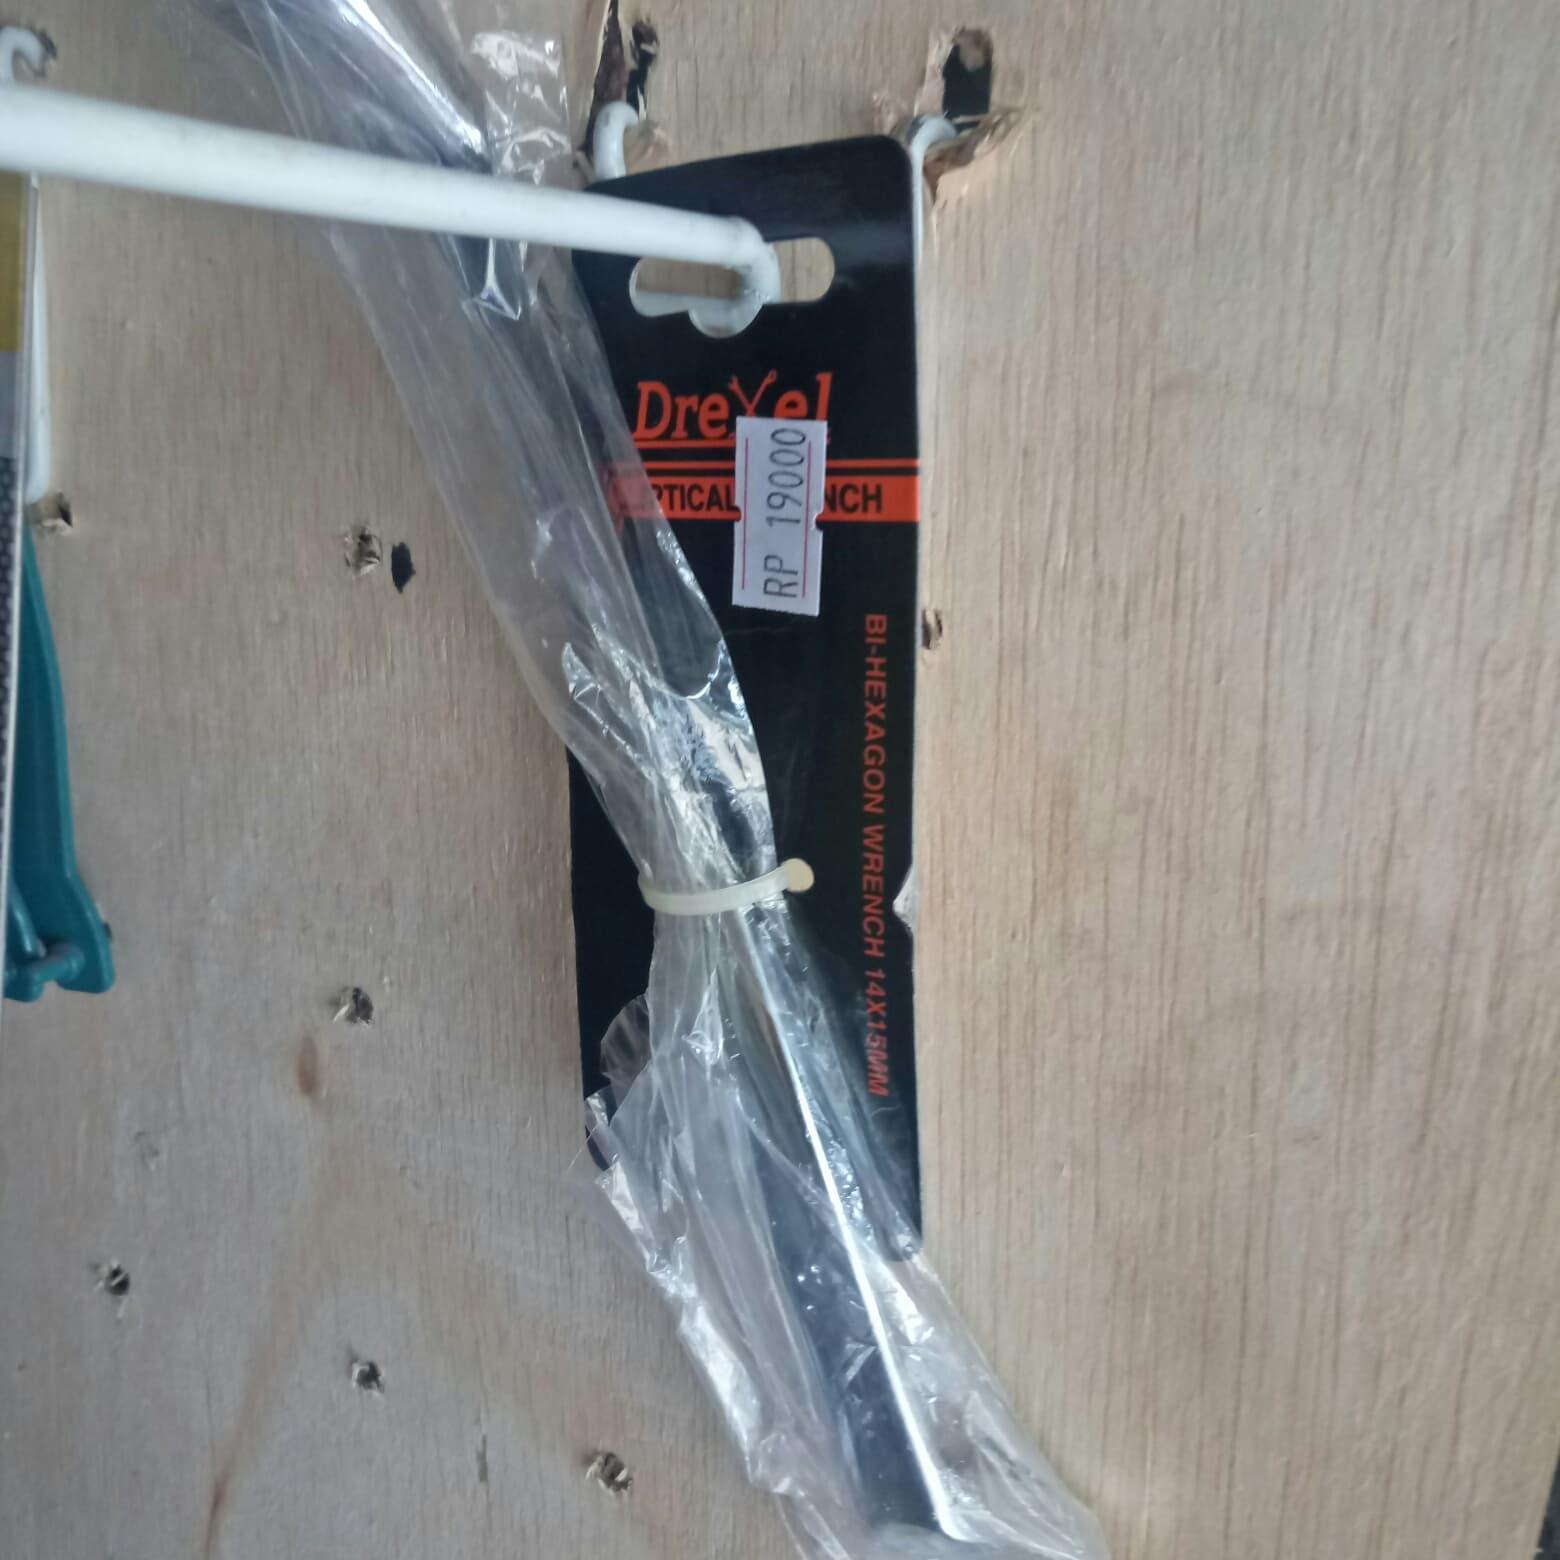 harga Kunci Ring Drexel 14 - 15 Blanja.com